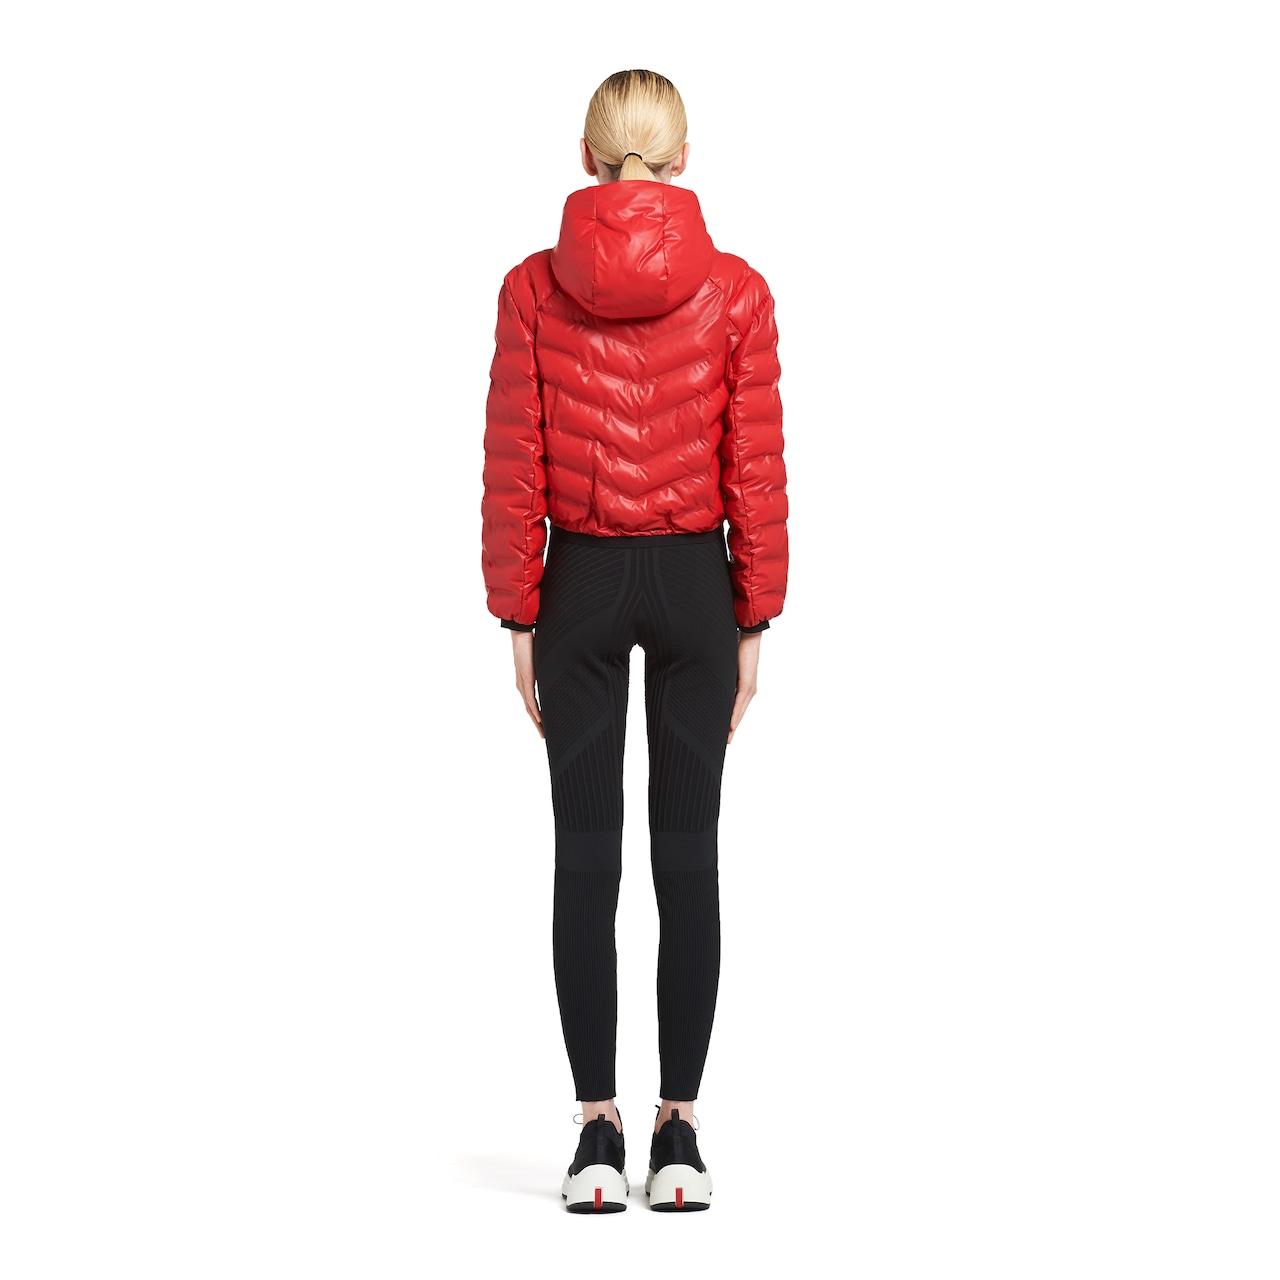 LR-LX020 nylon jacket